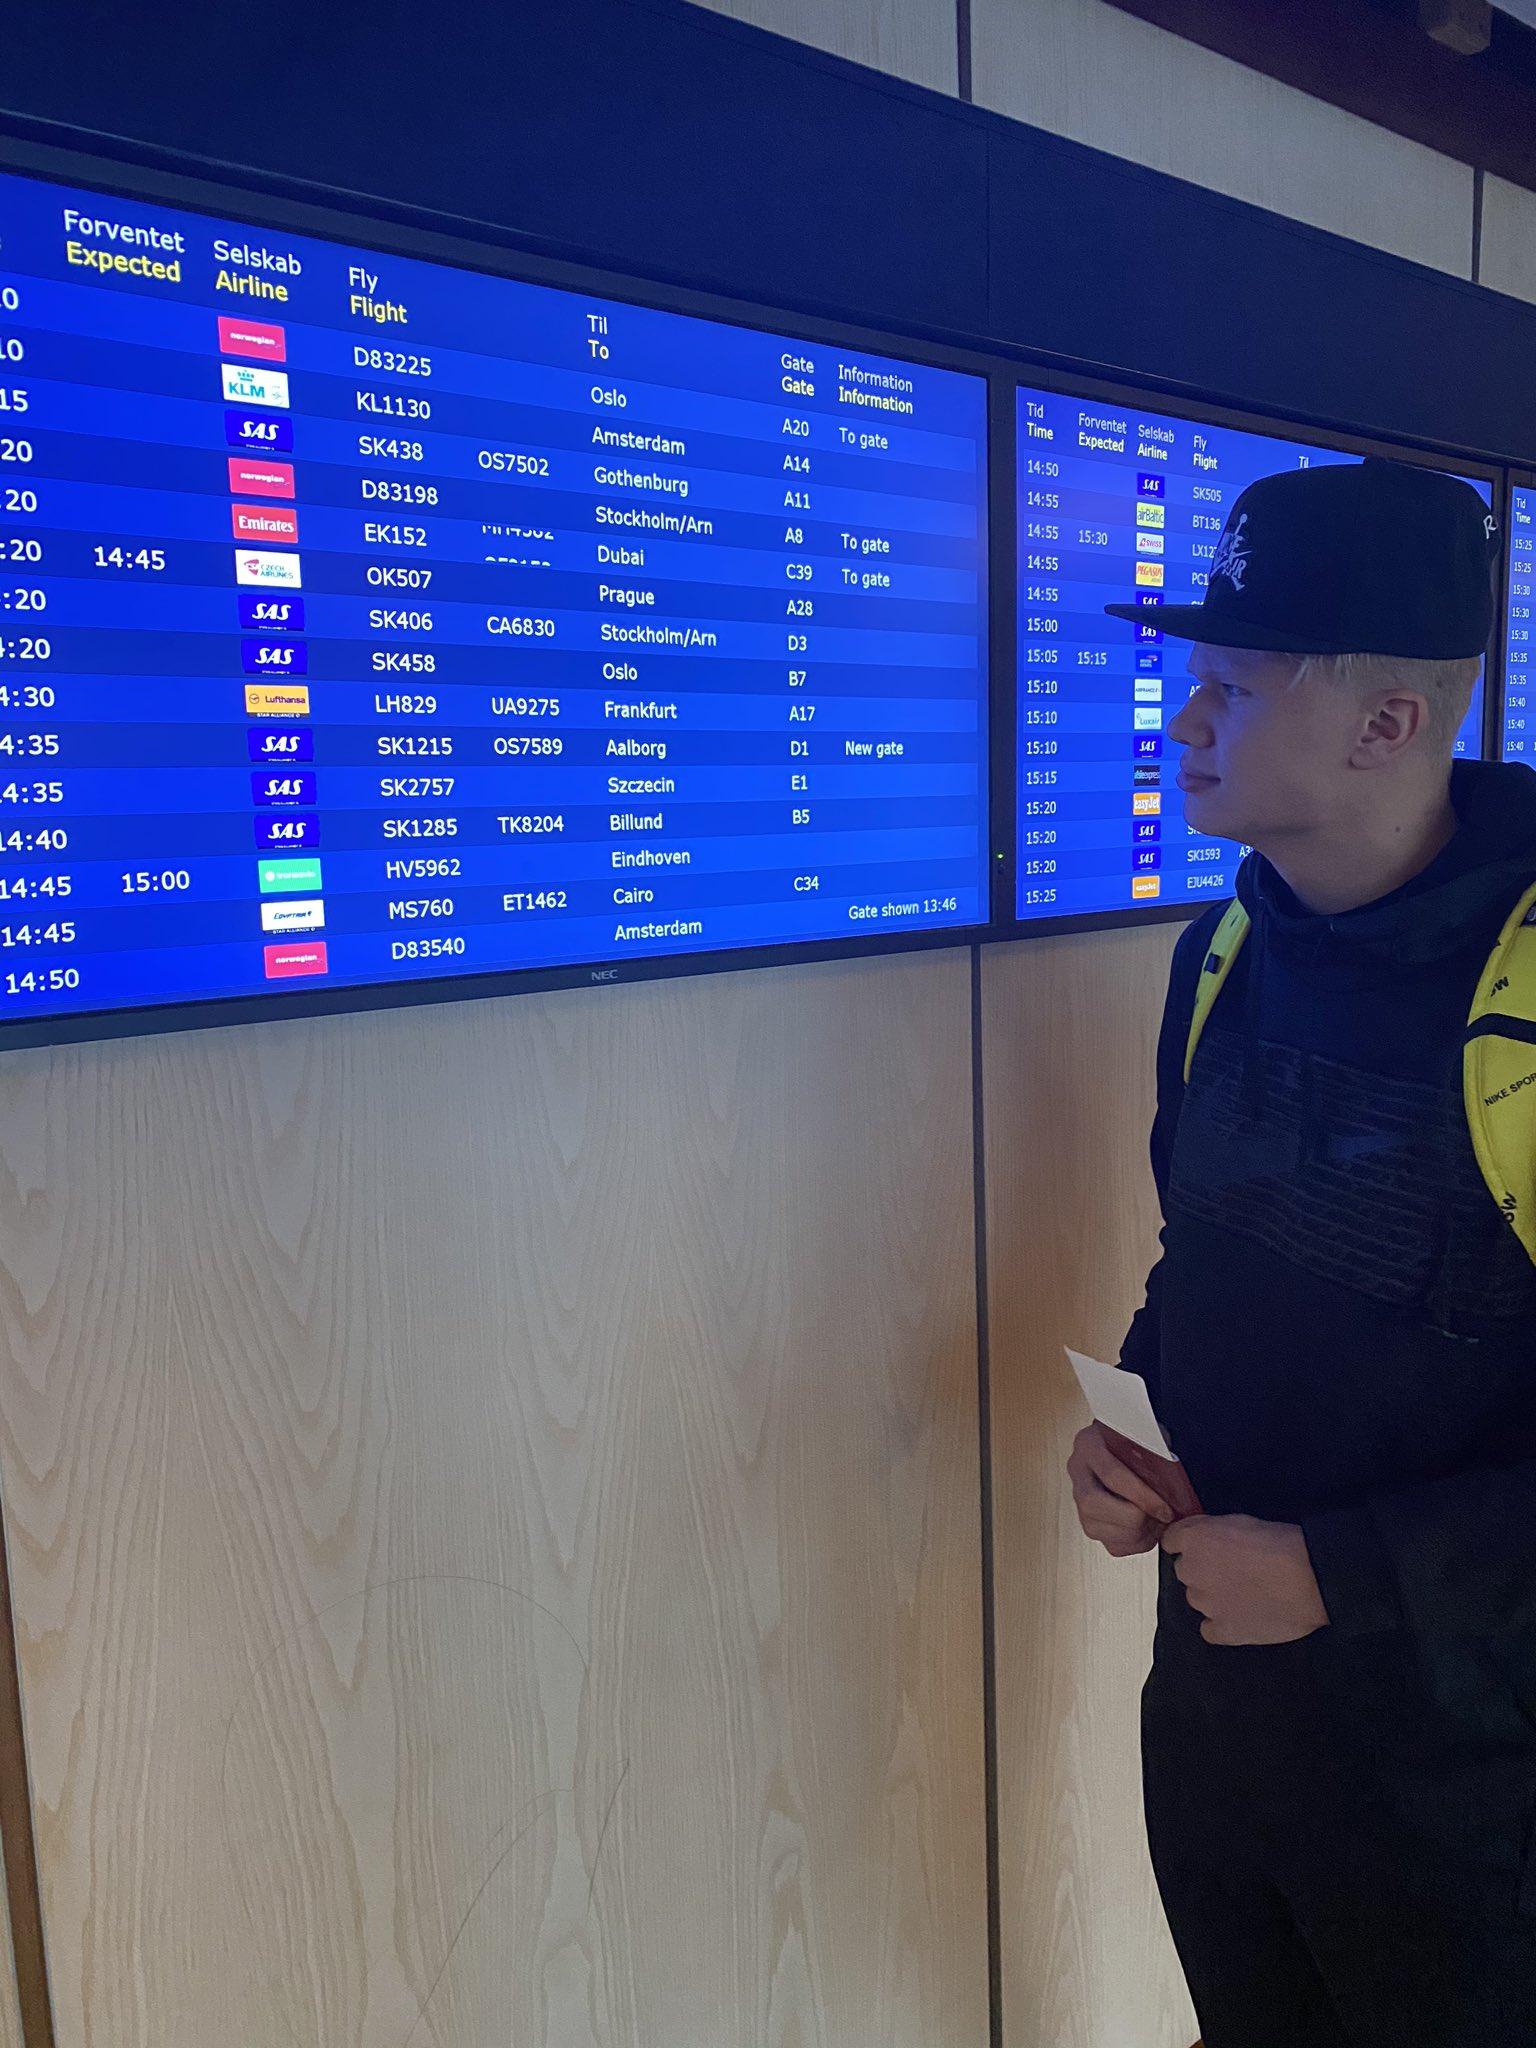 哈兰德爸爸喊话挪威记者:再猜猜我儿子的航班?